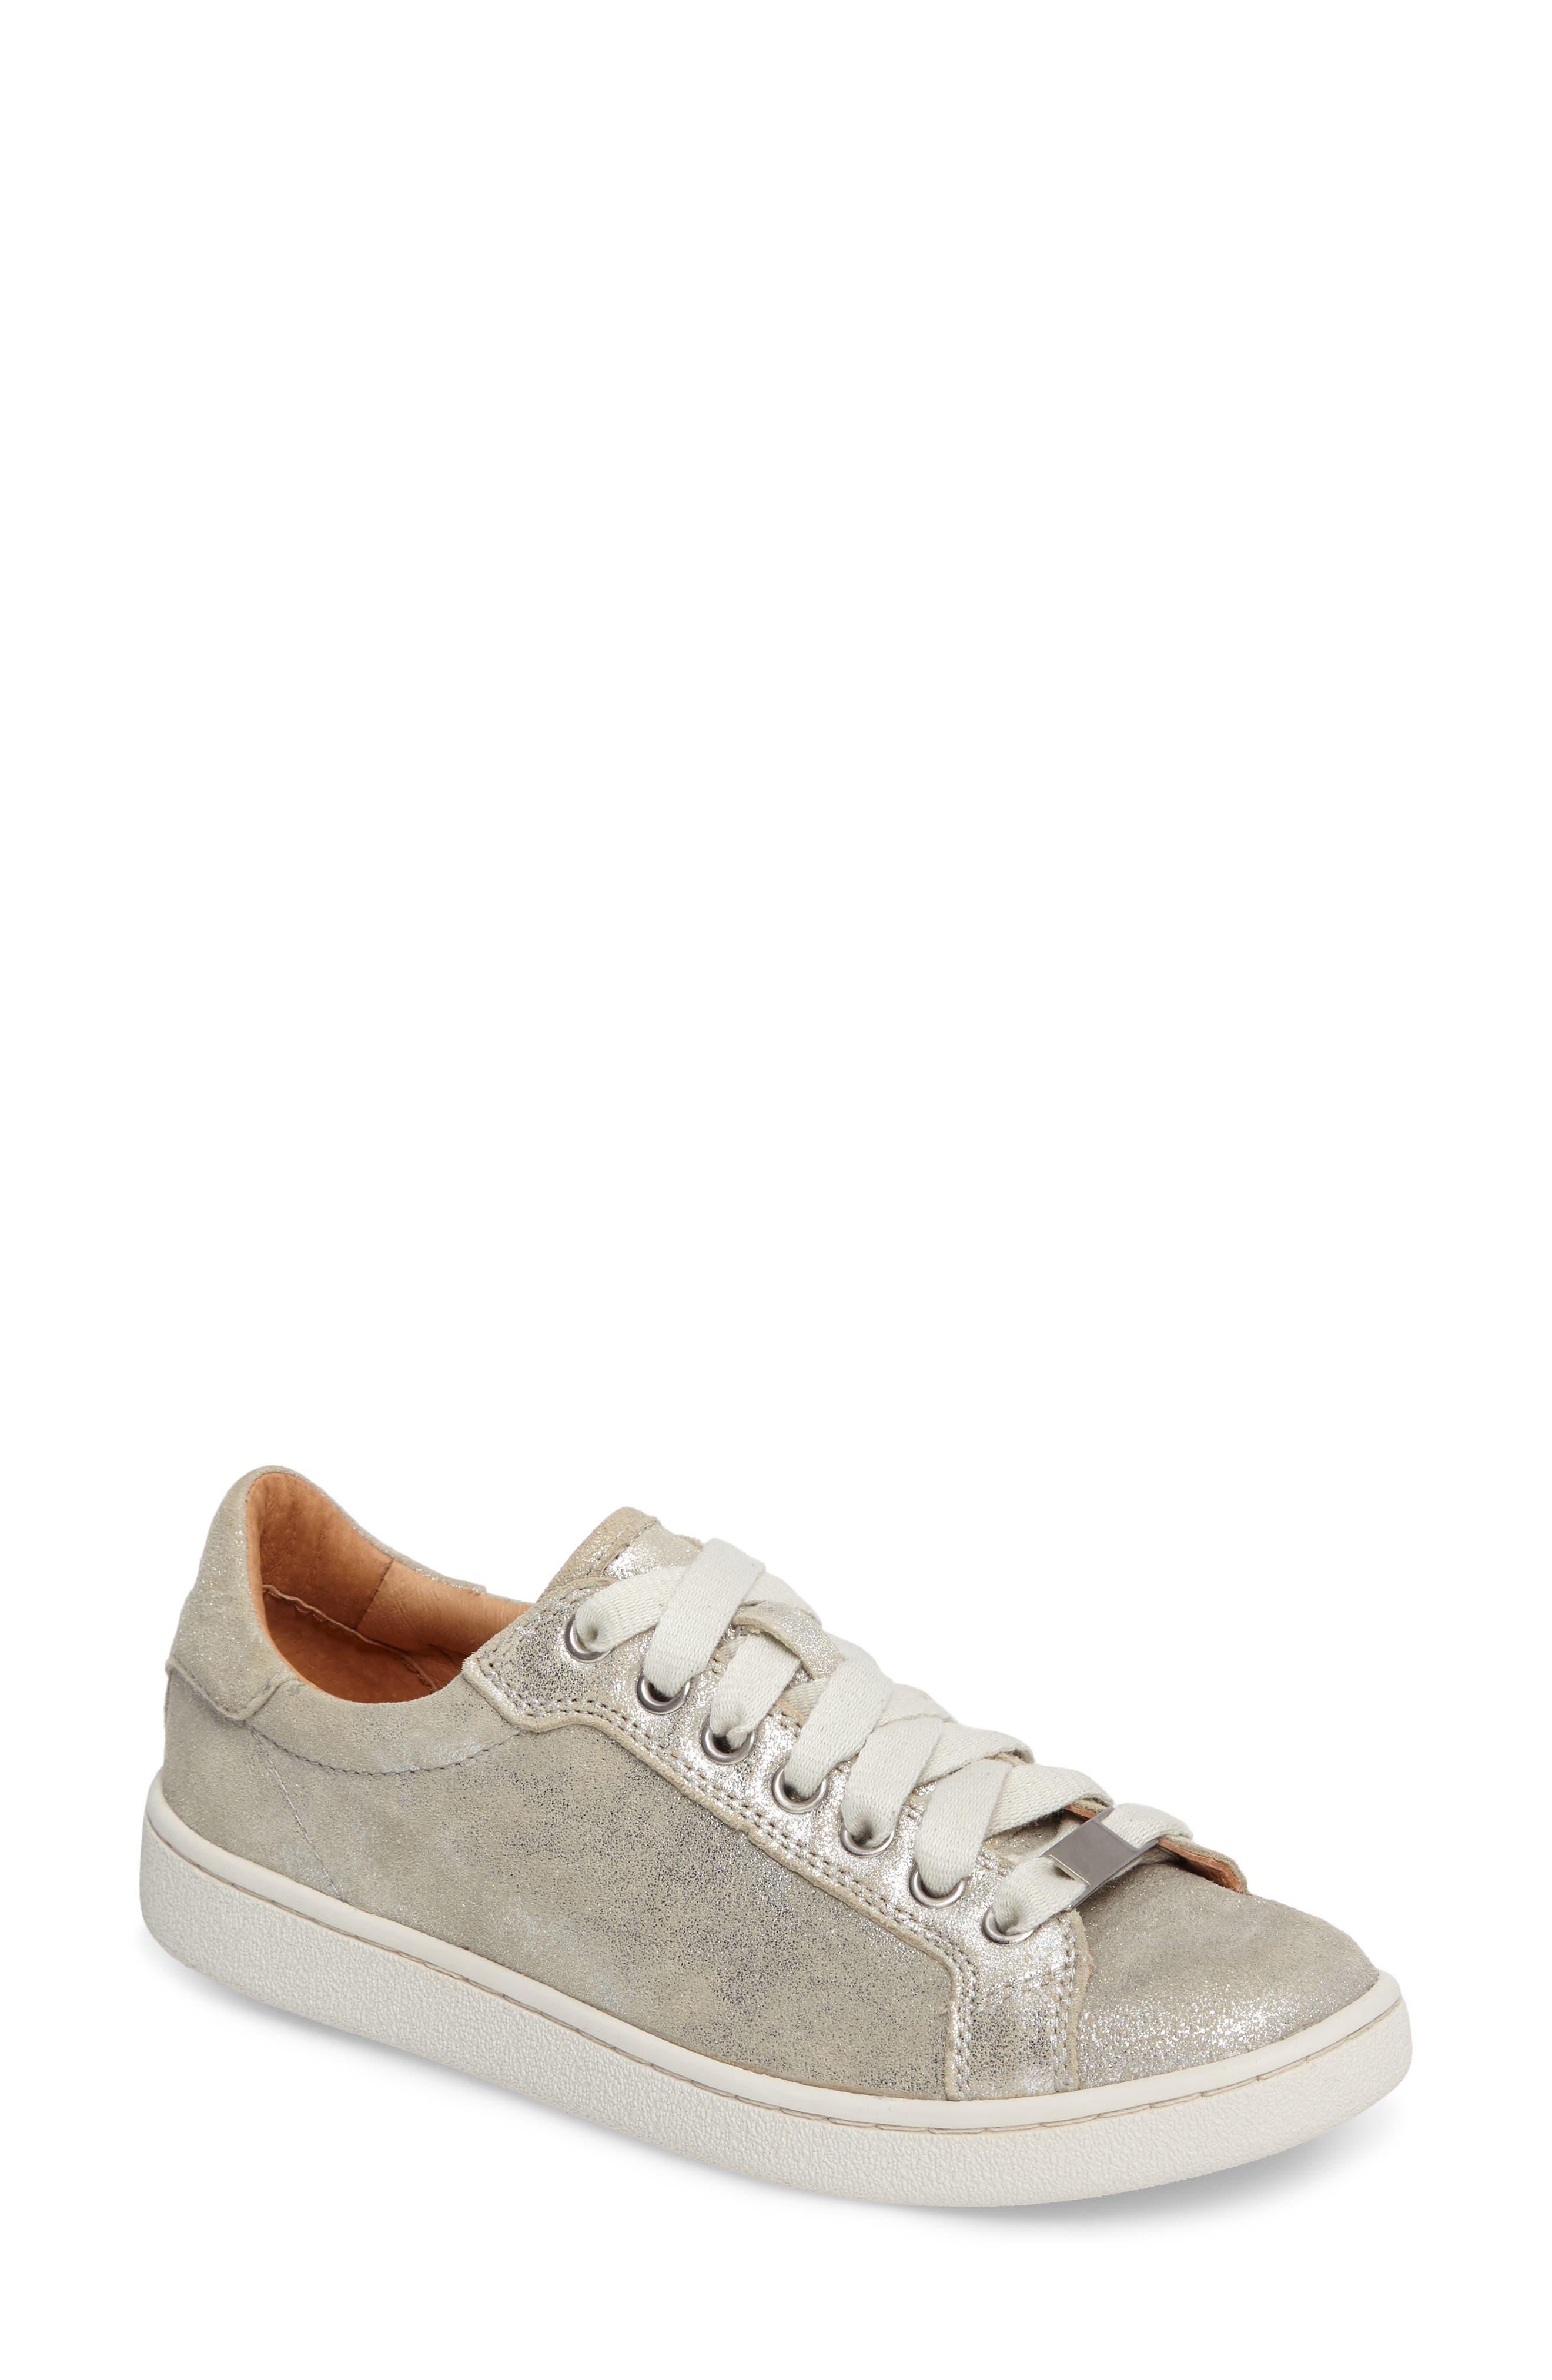 Main Image - UGG® Milo Stardust Sneaker (Women)